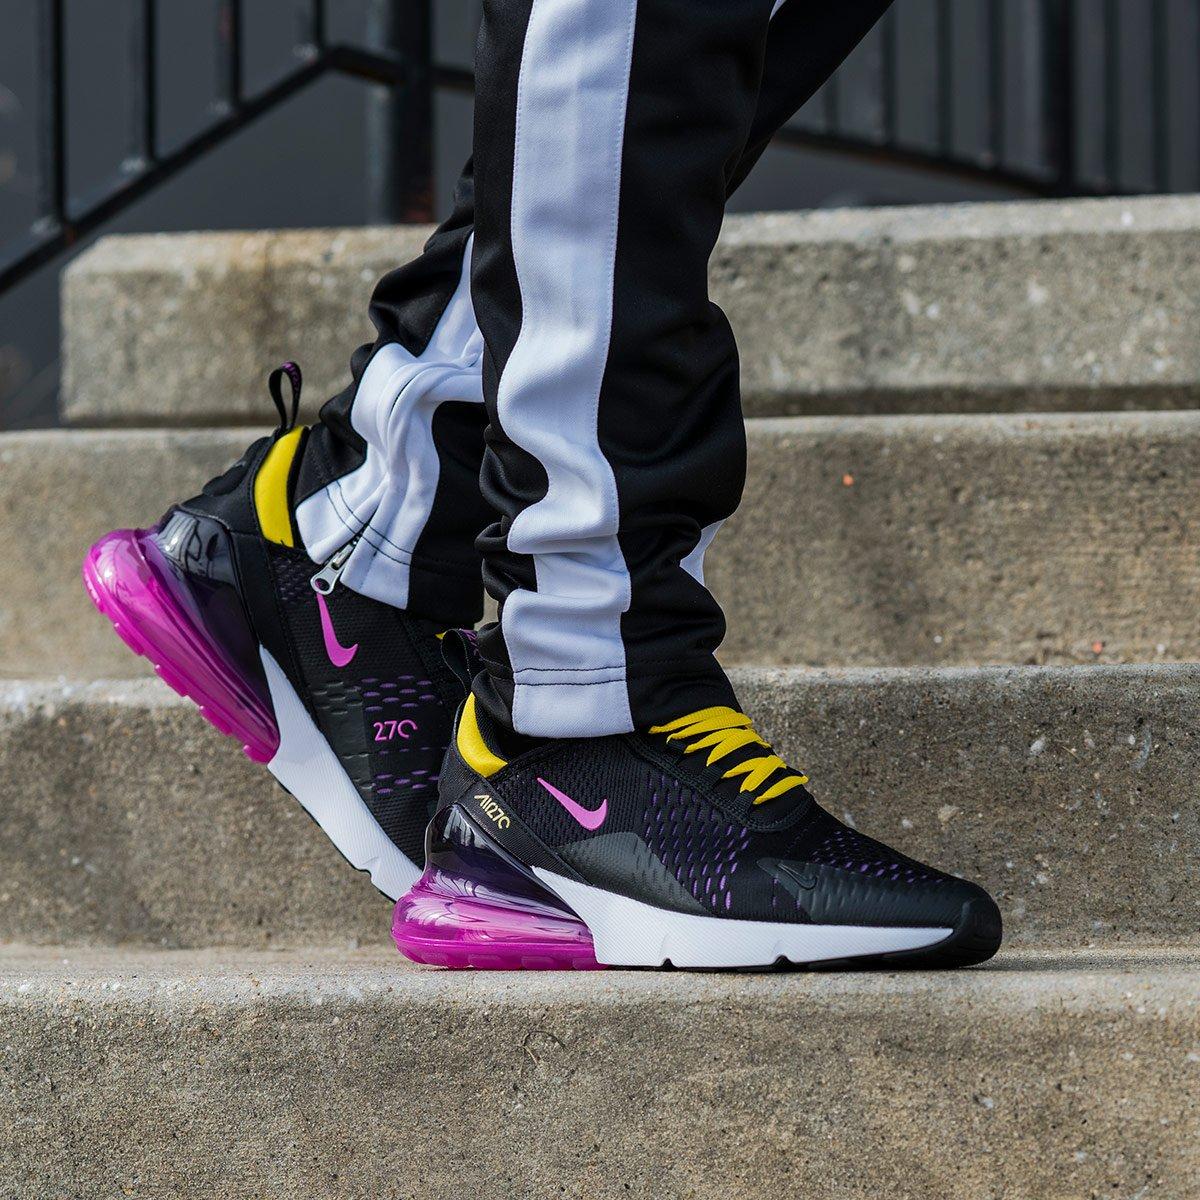 9fc091a5bae Sneaker Shouts™ on Twitter